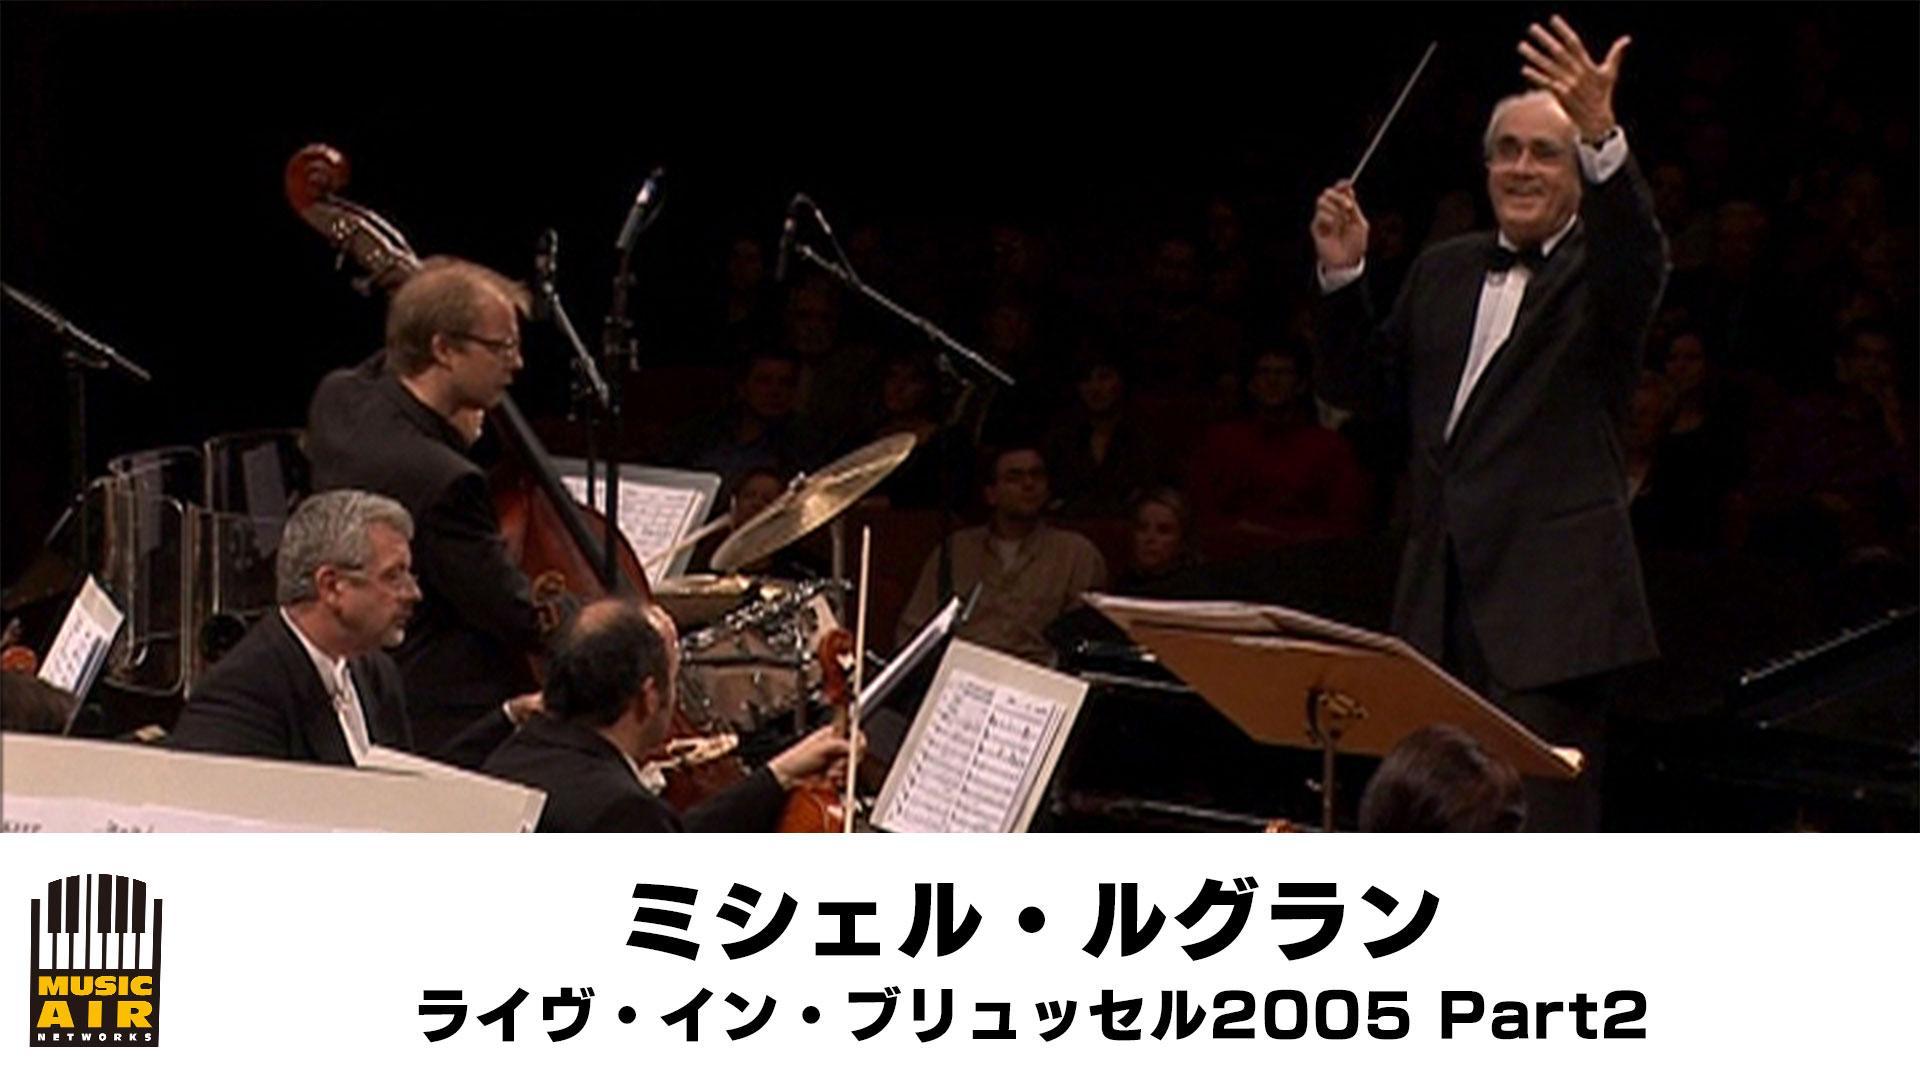 ミシェル・ルグラン:ライヴ・イン・ブリュッセル2005 Part2